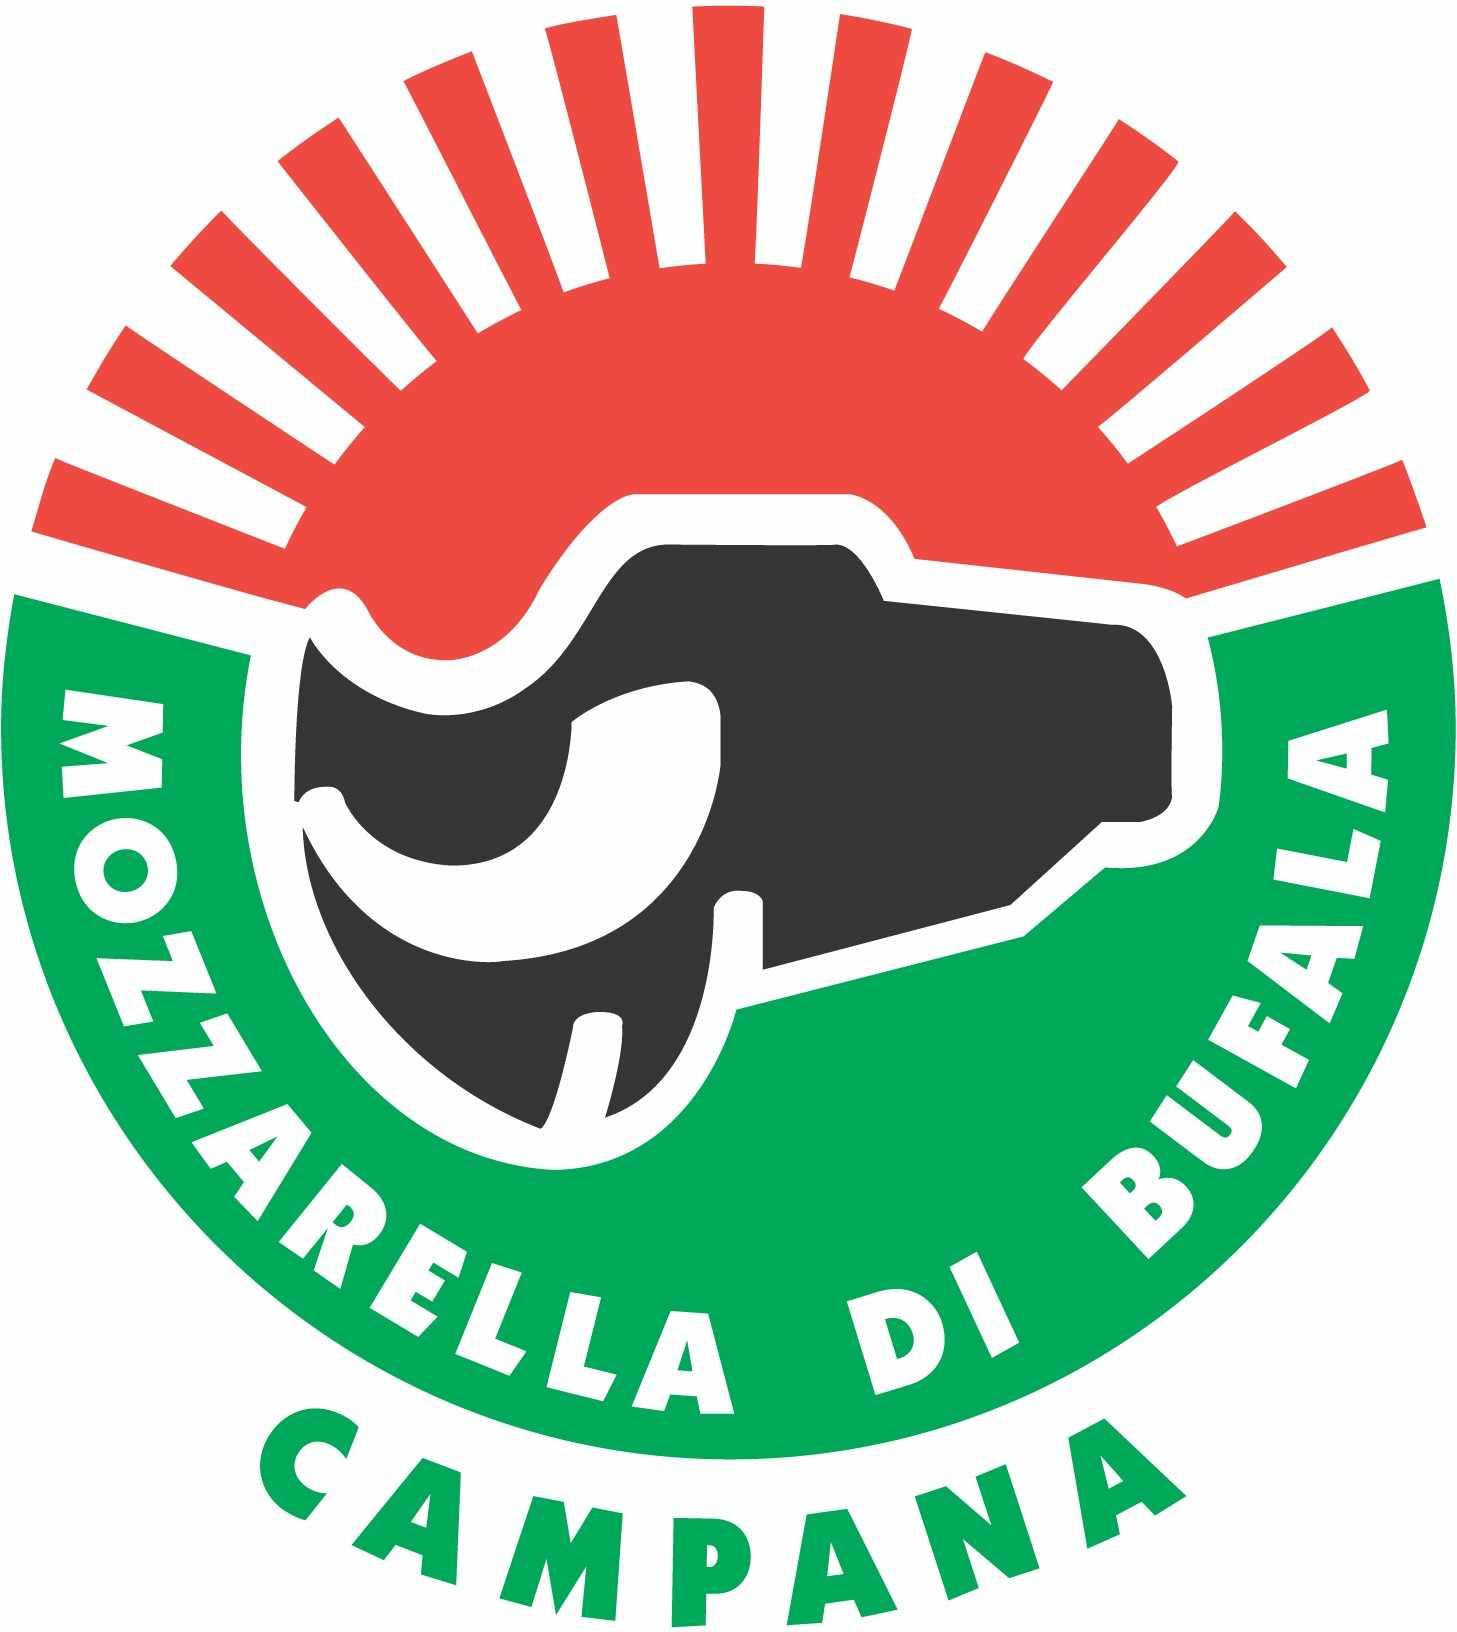 Logo consozio mozzarella di bufala campana